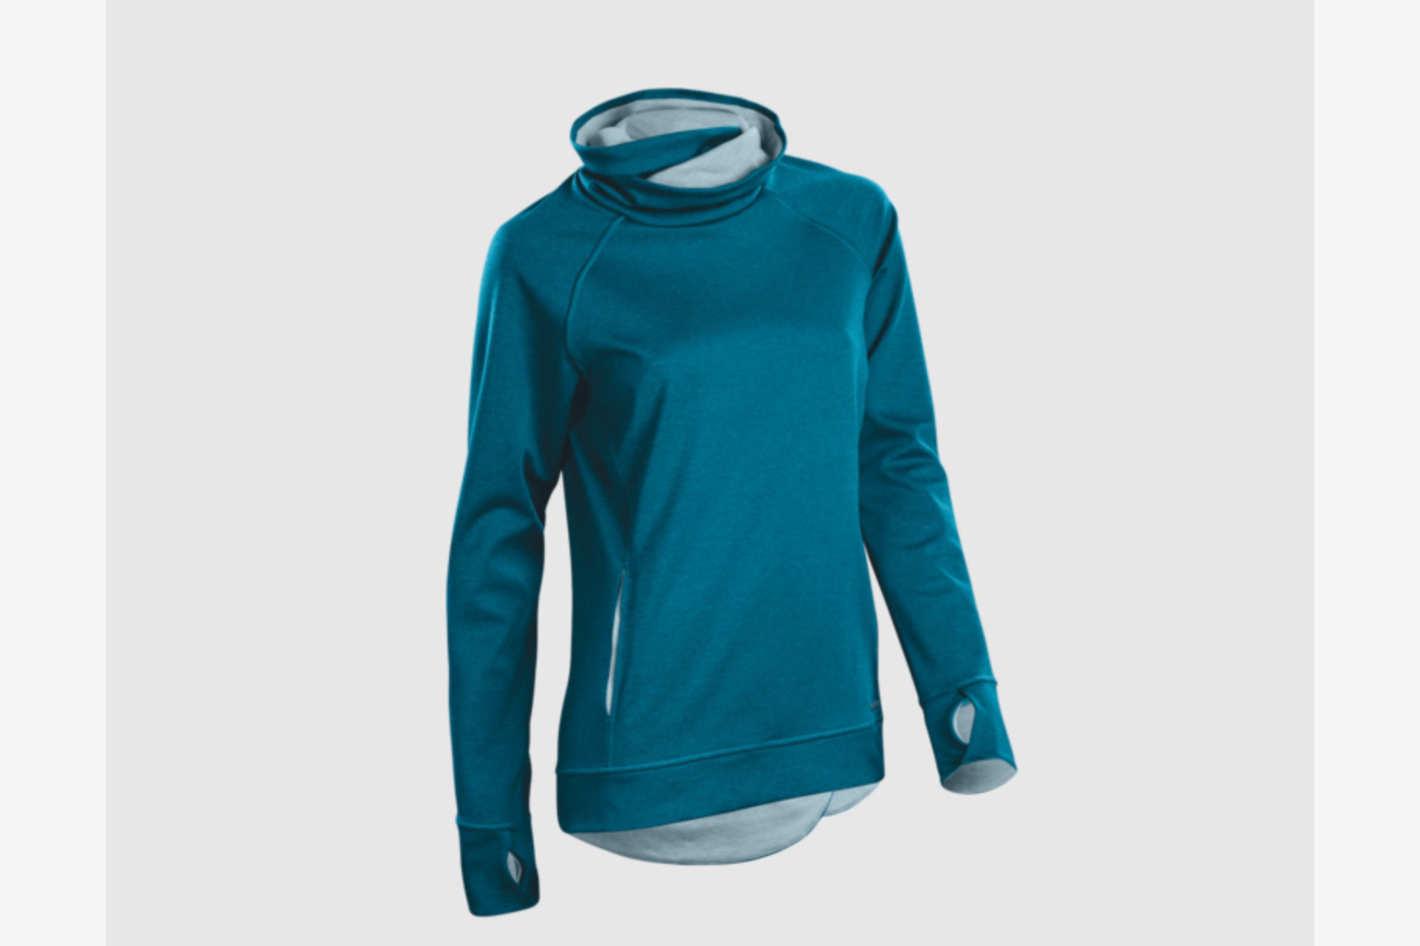 94cbb945031 35 Best Women s Running Shirts